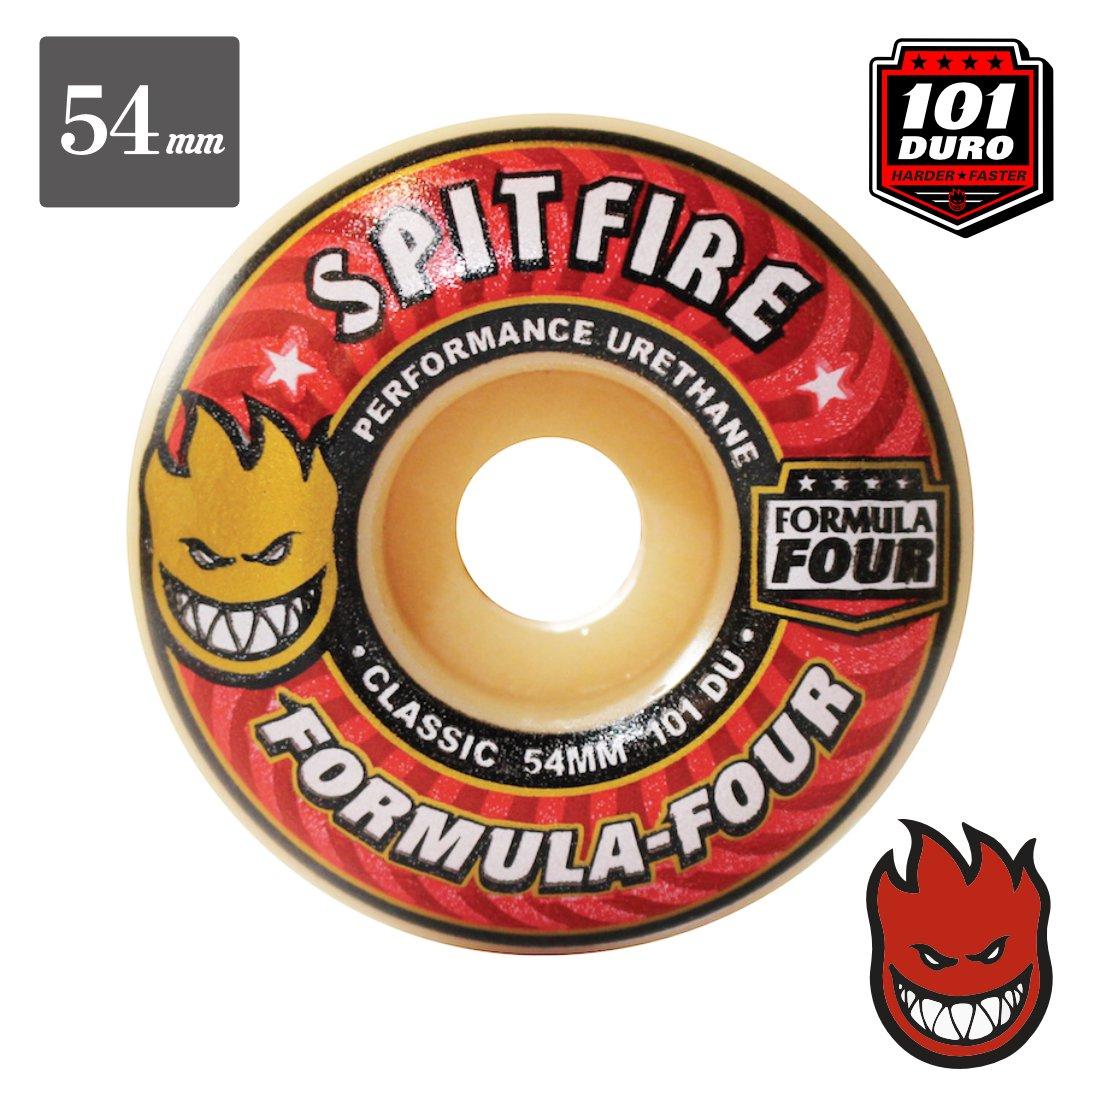 【SPITFIRE WHEEL】Formura Four